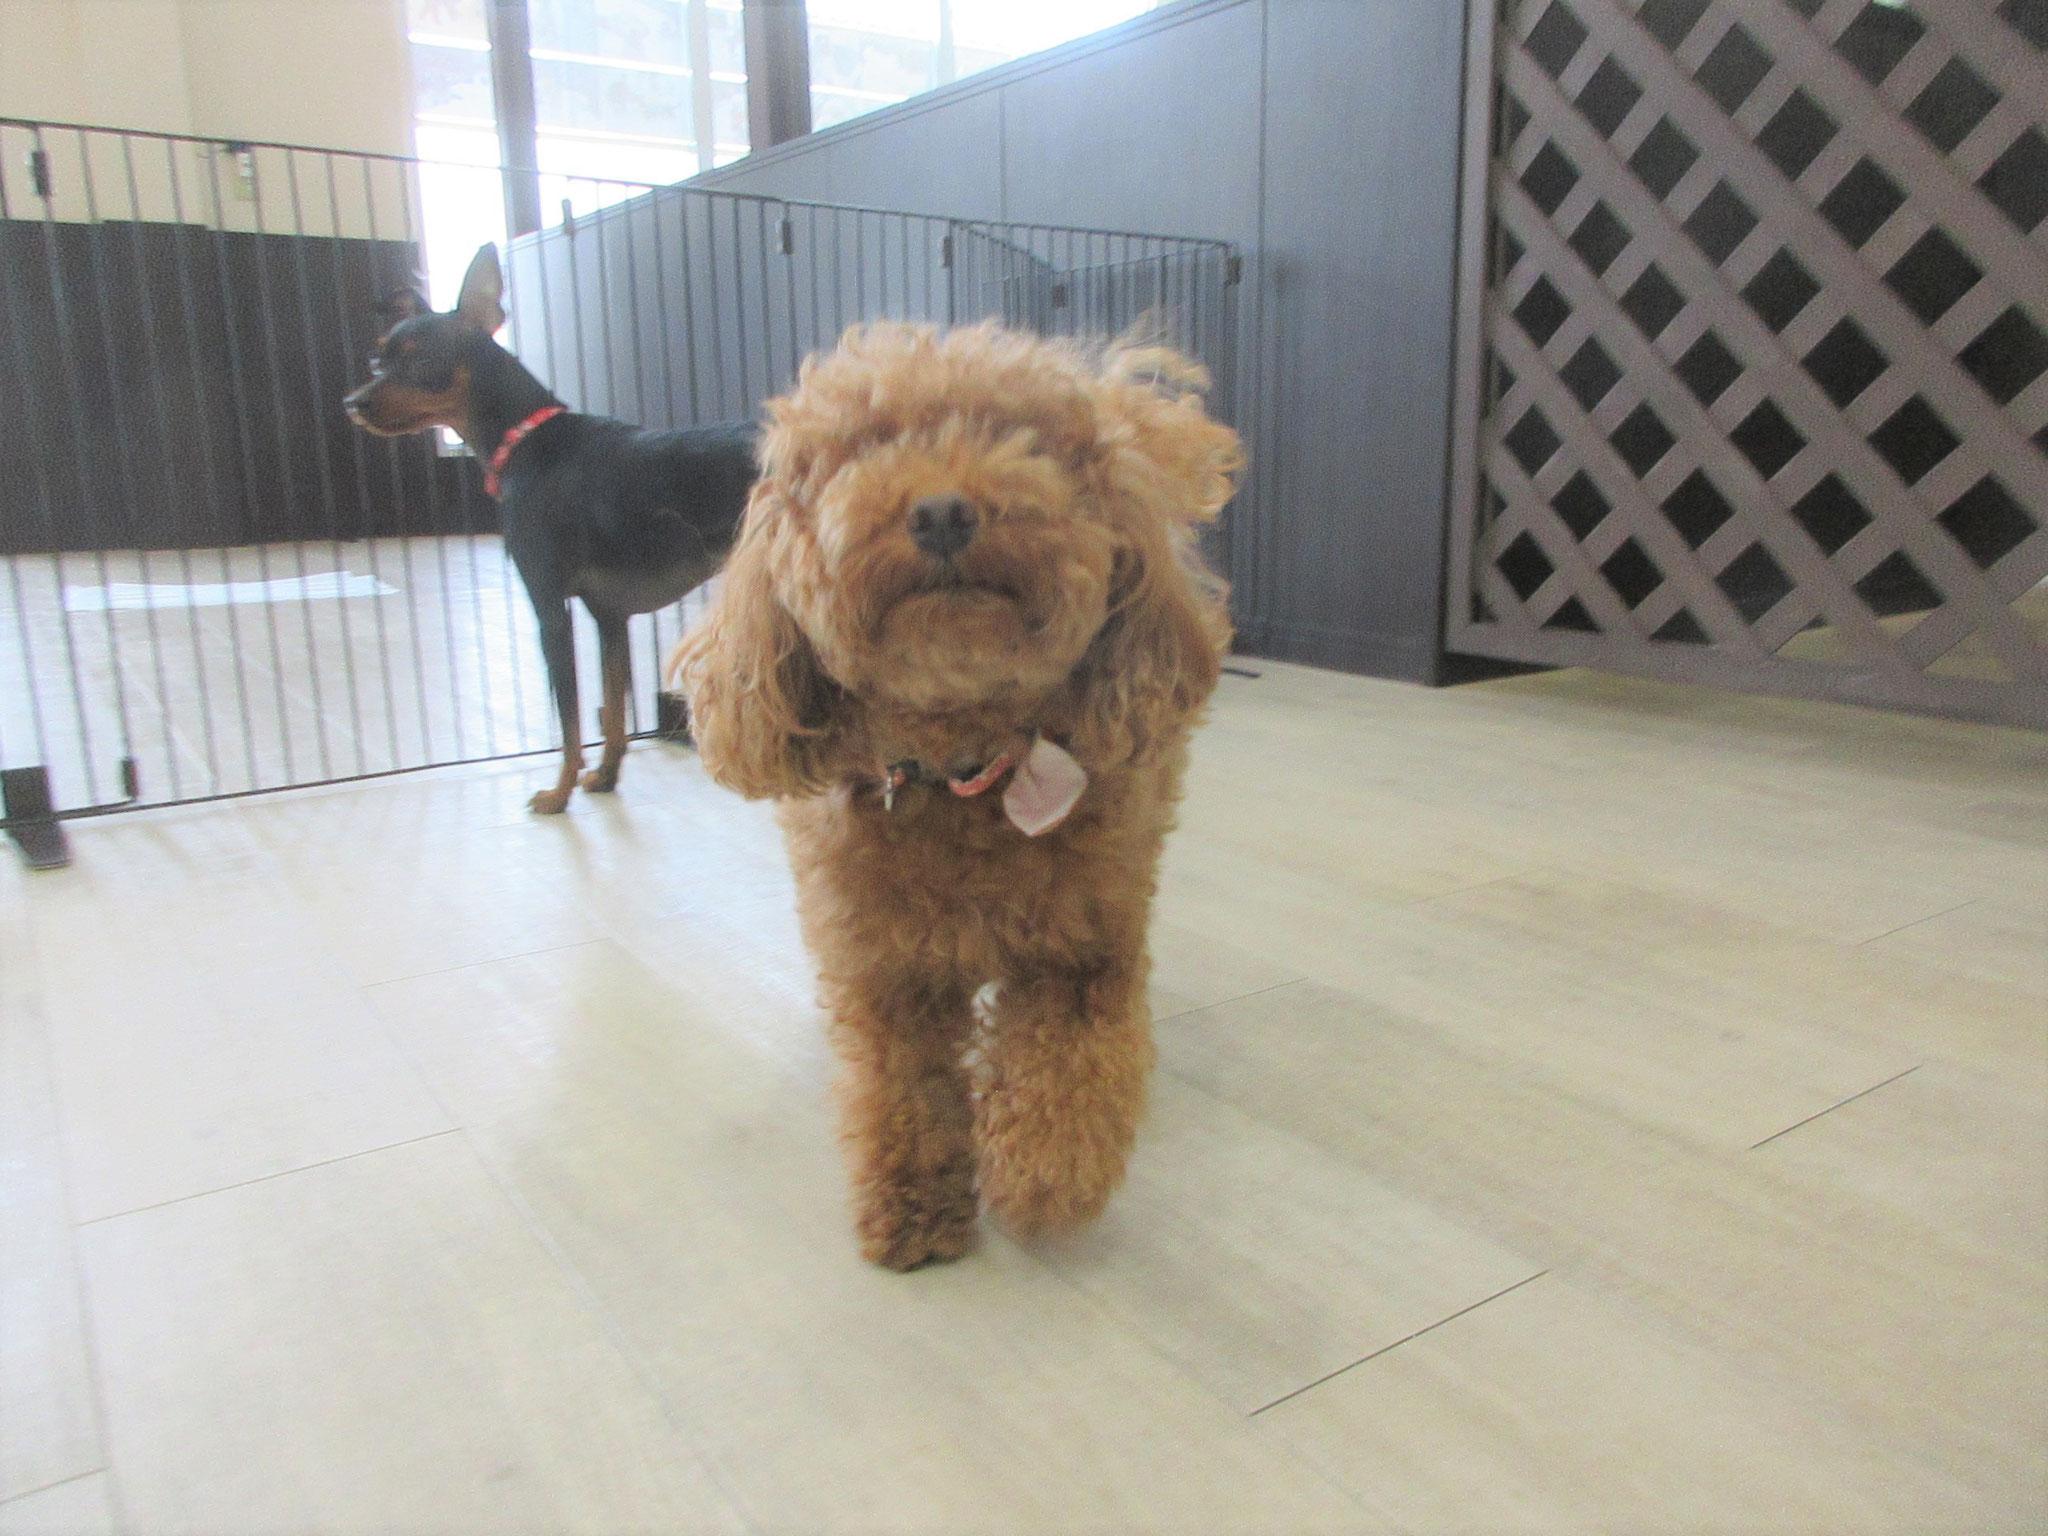 ナナちゃん・犬の保育園Baby・犬・犬のしつけ・犬の社会化・習志野市・八千代市・船橋